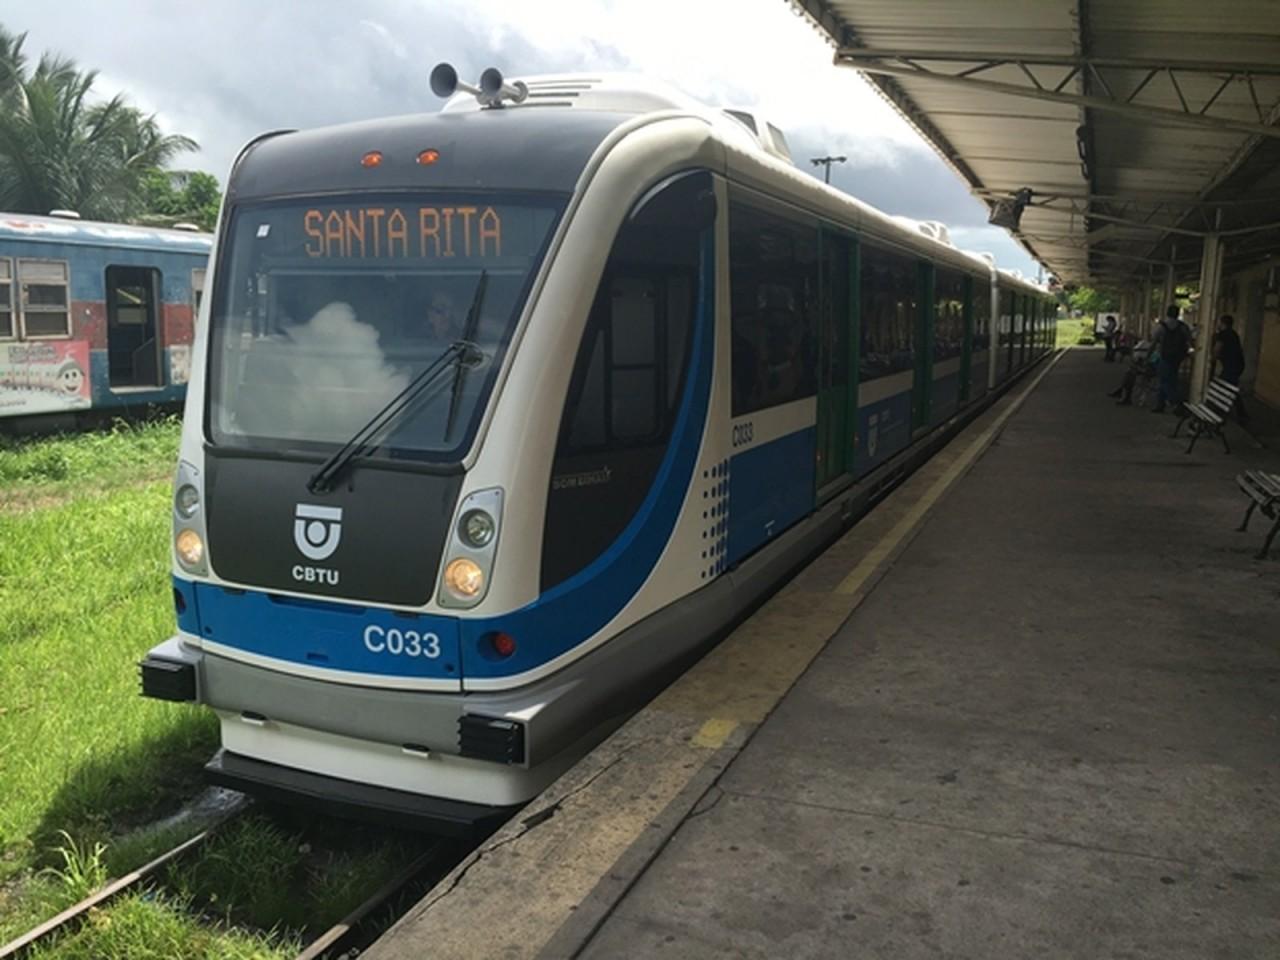 trensvltpb - Chuvas prejudicam 2.340 usuários de trens na Região Metropolitana João Pessoa, diz CBTU